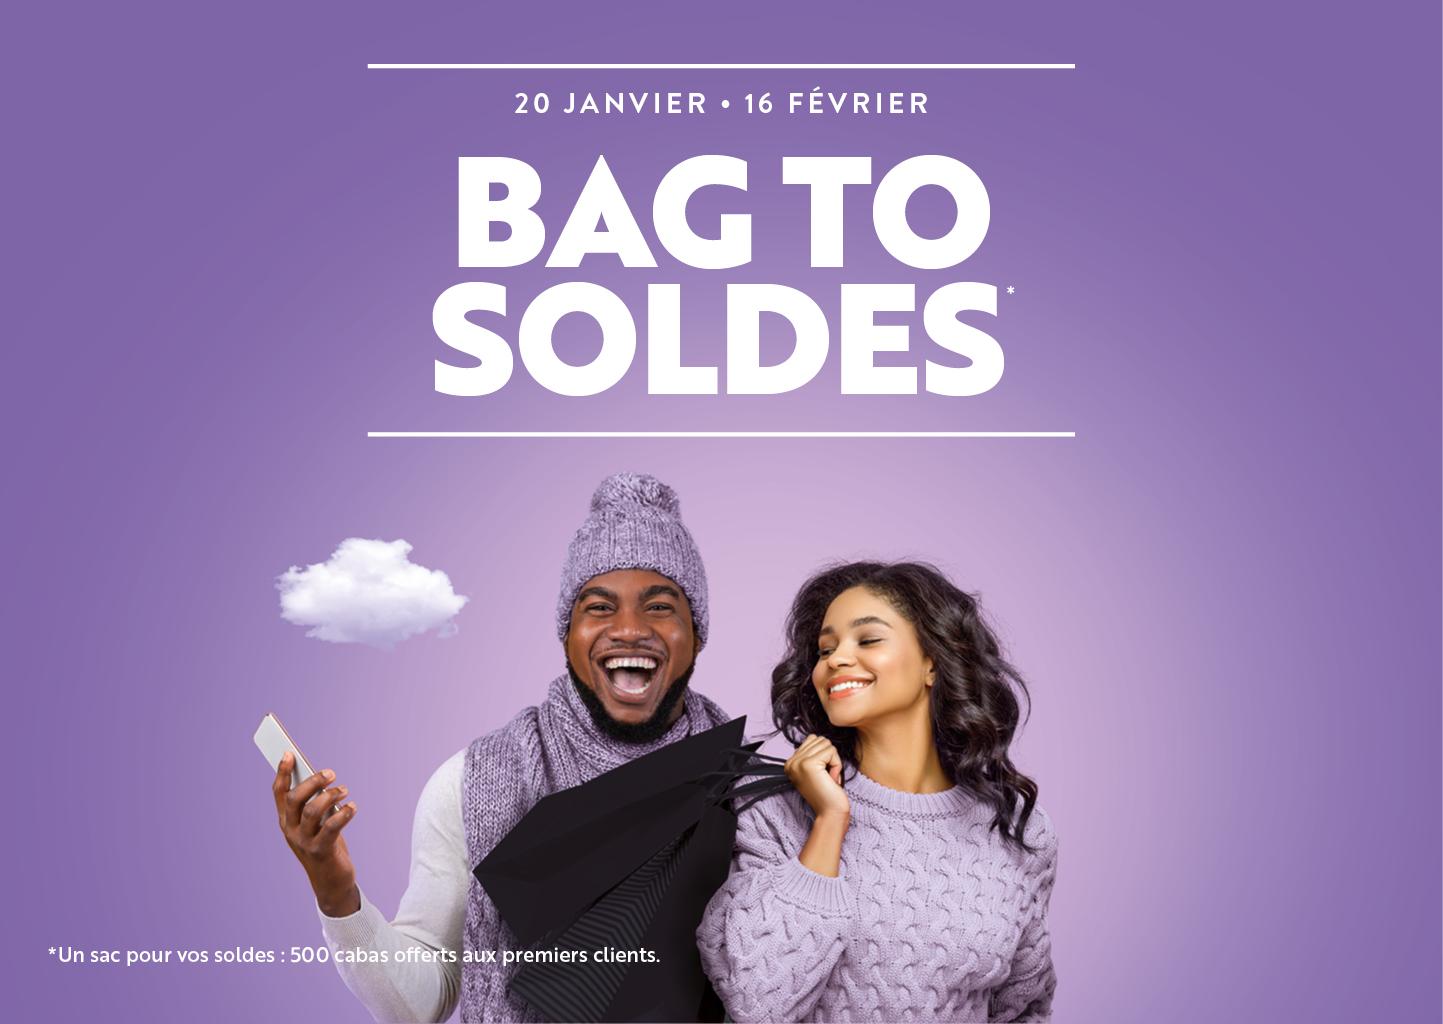 BAG TO SOLDES